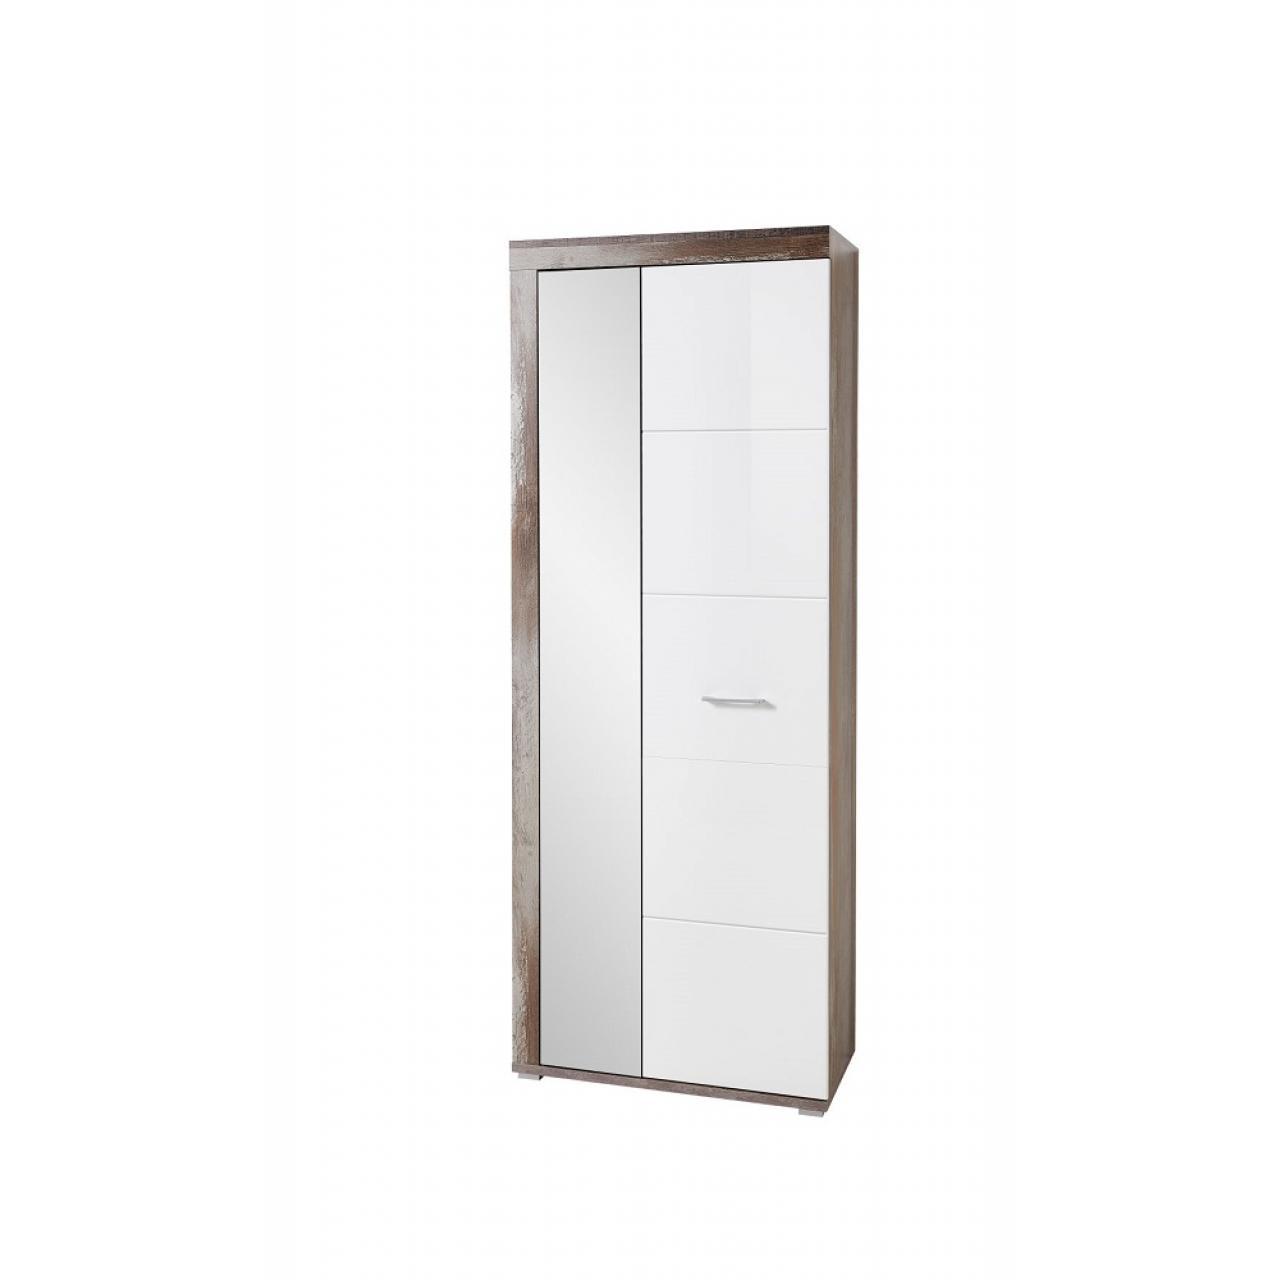 Garderobenschrank Crown-X Weiß Hochglanz Driftwood Nb. Flur Diele